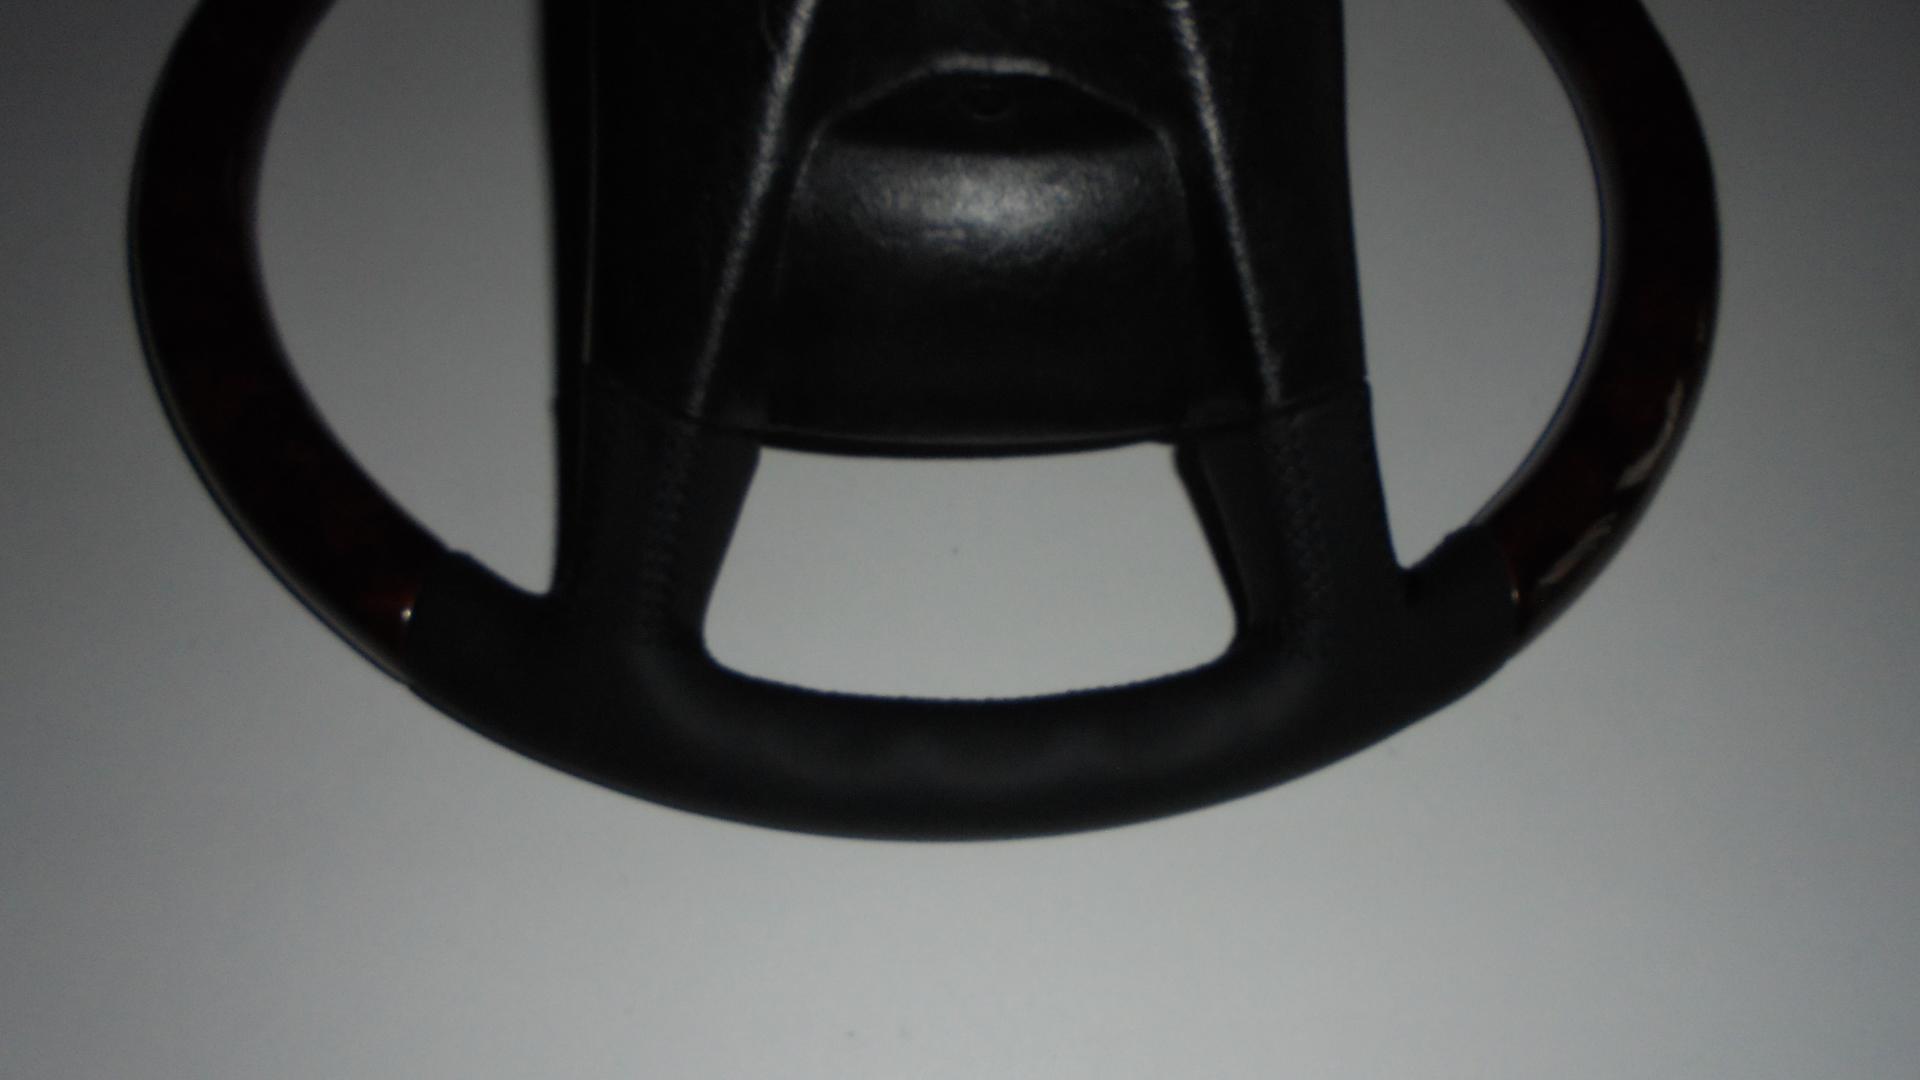 Sportlenkrad SL R107, C107 mit Prüfbericht